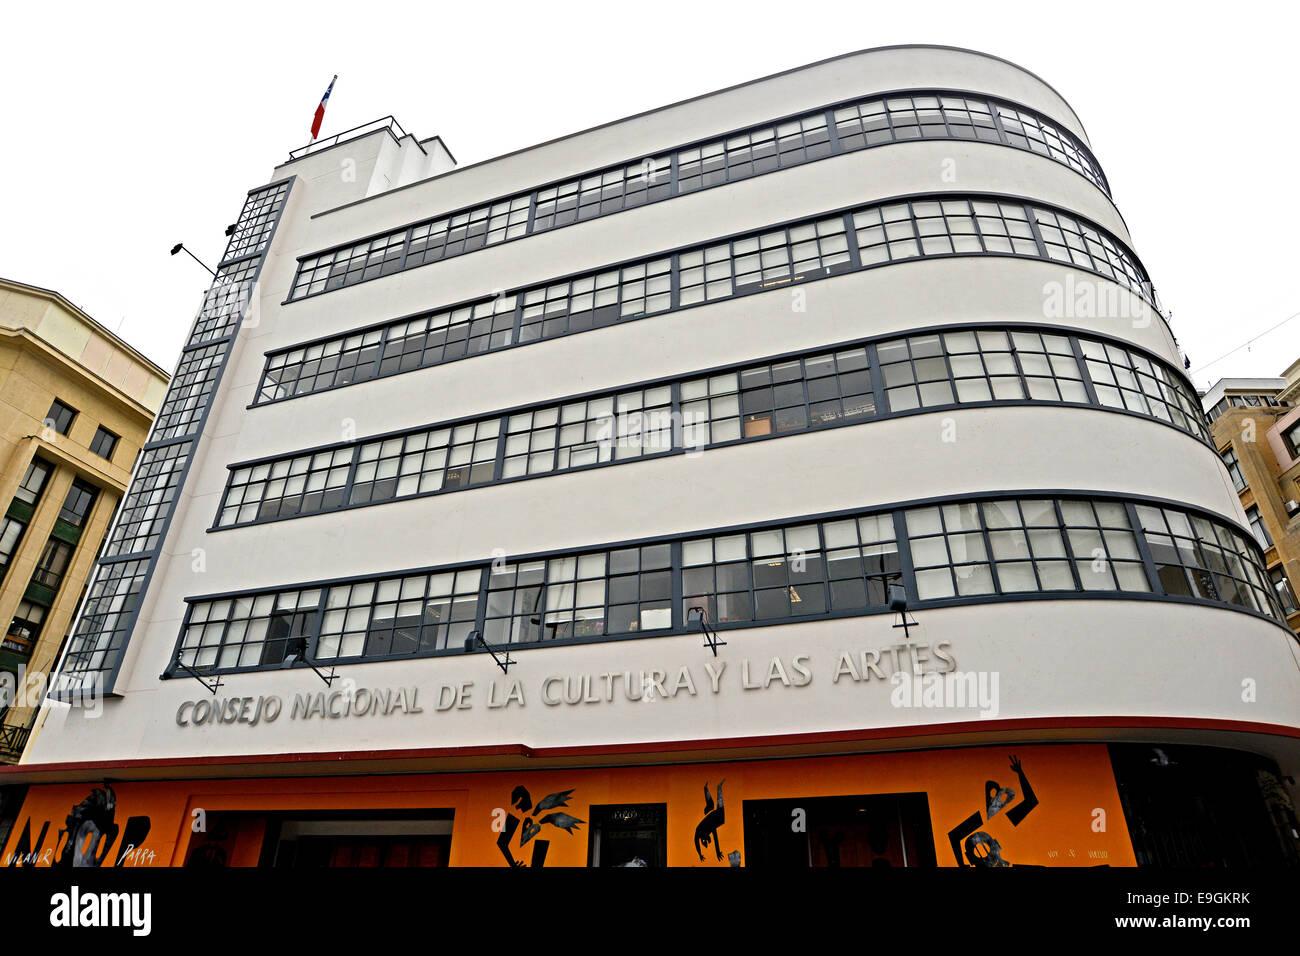 Consejo nacional de la cultura y las Artes Valparaiso Chile - Stock Image